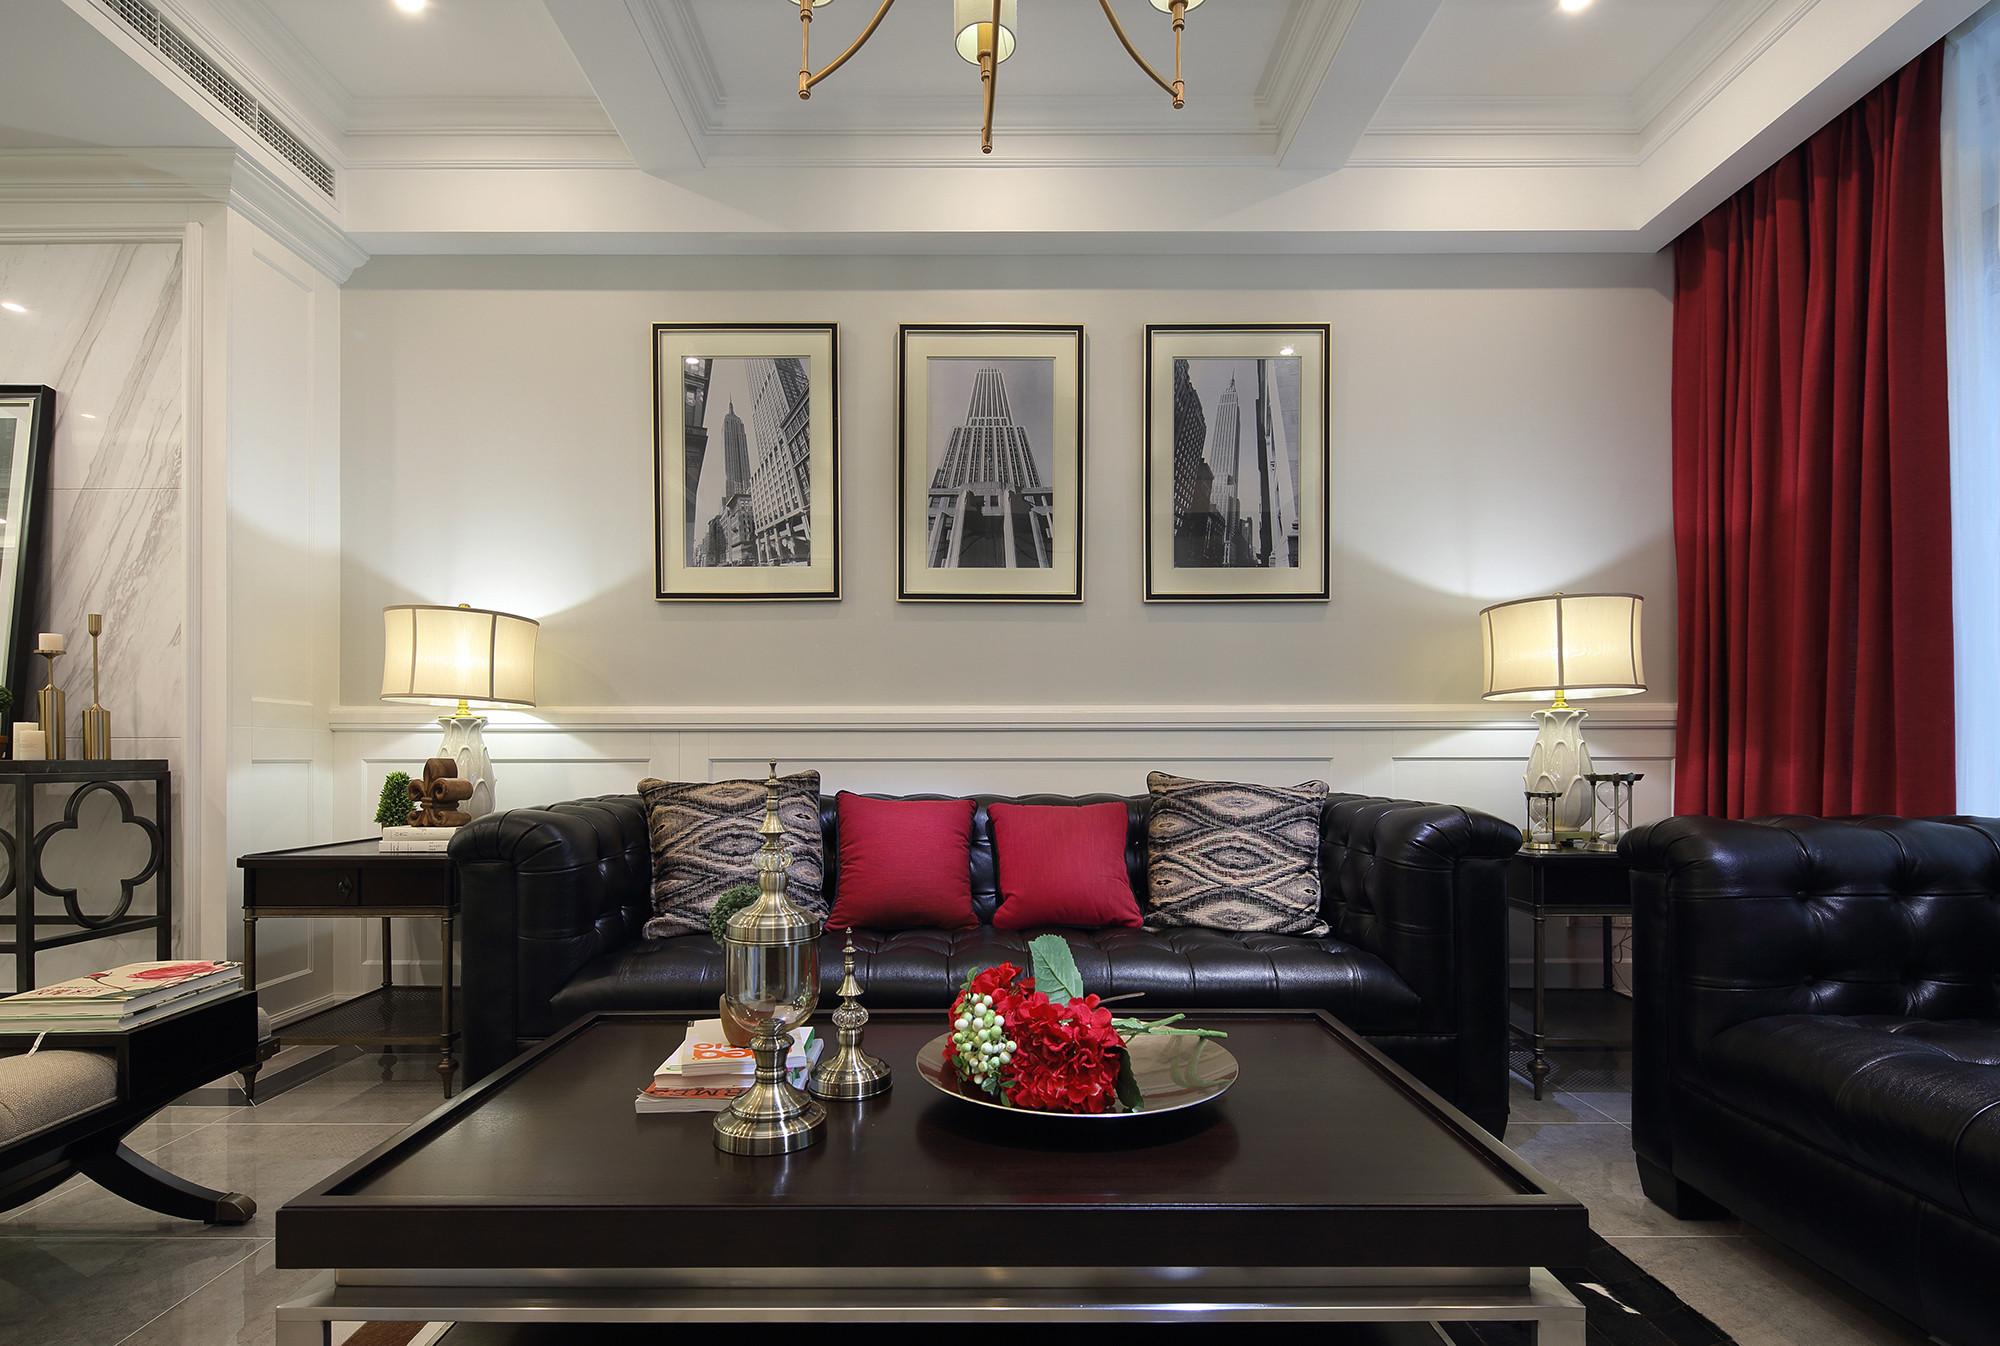 美式复古装修沙发背景墙图片